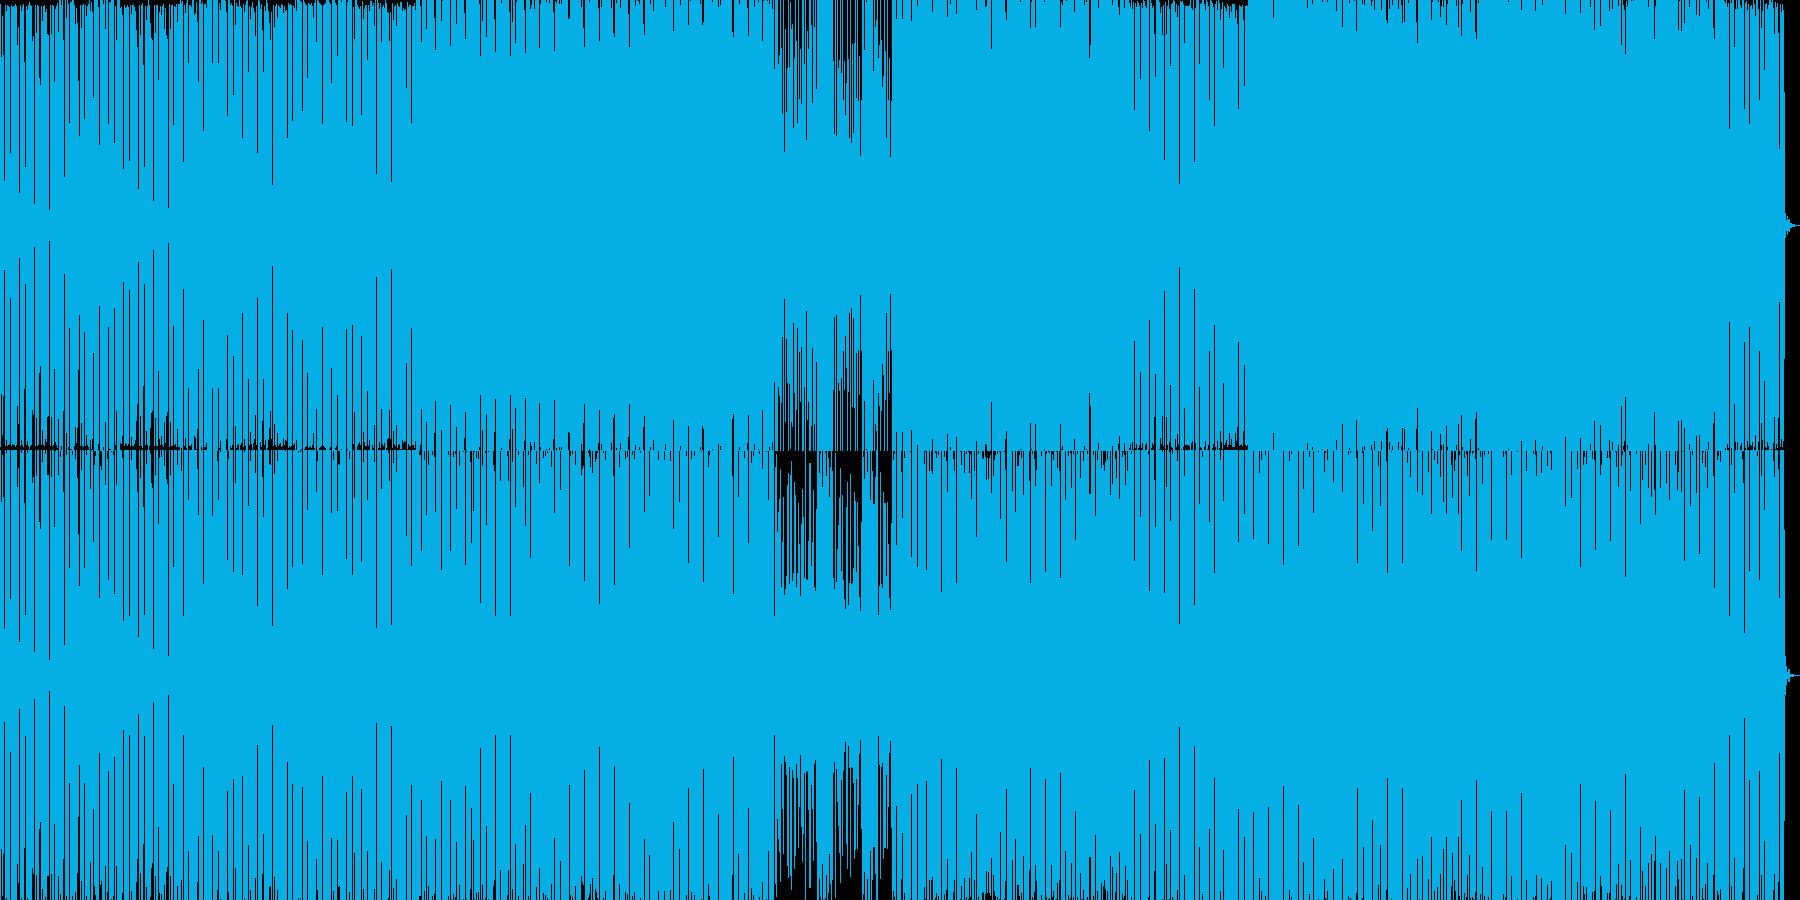 ウッドベースで作る疾走感のあるファンクの再生済みの波形